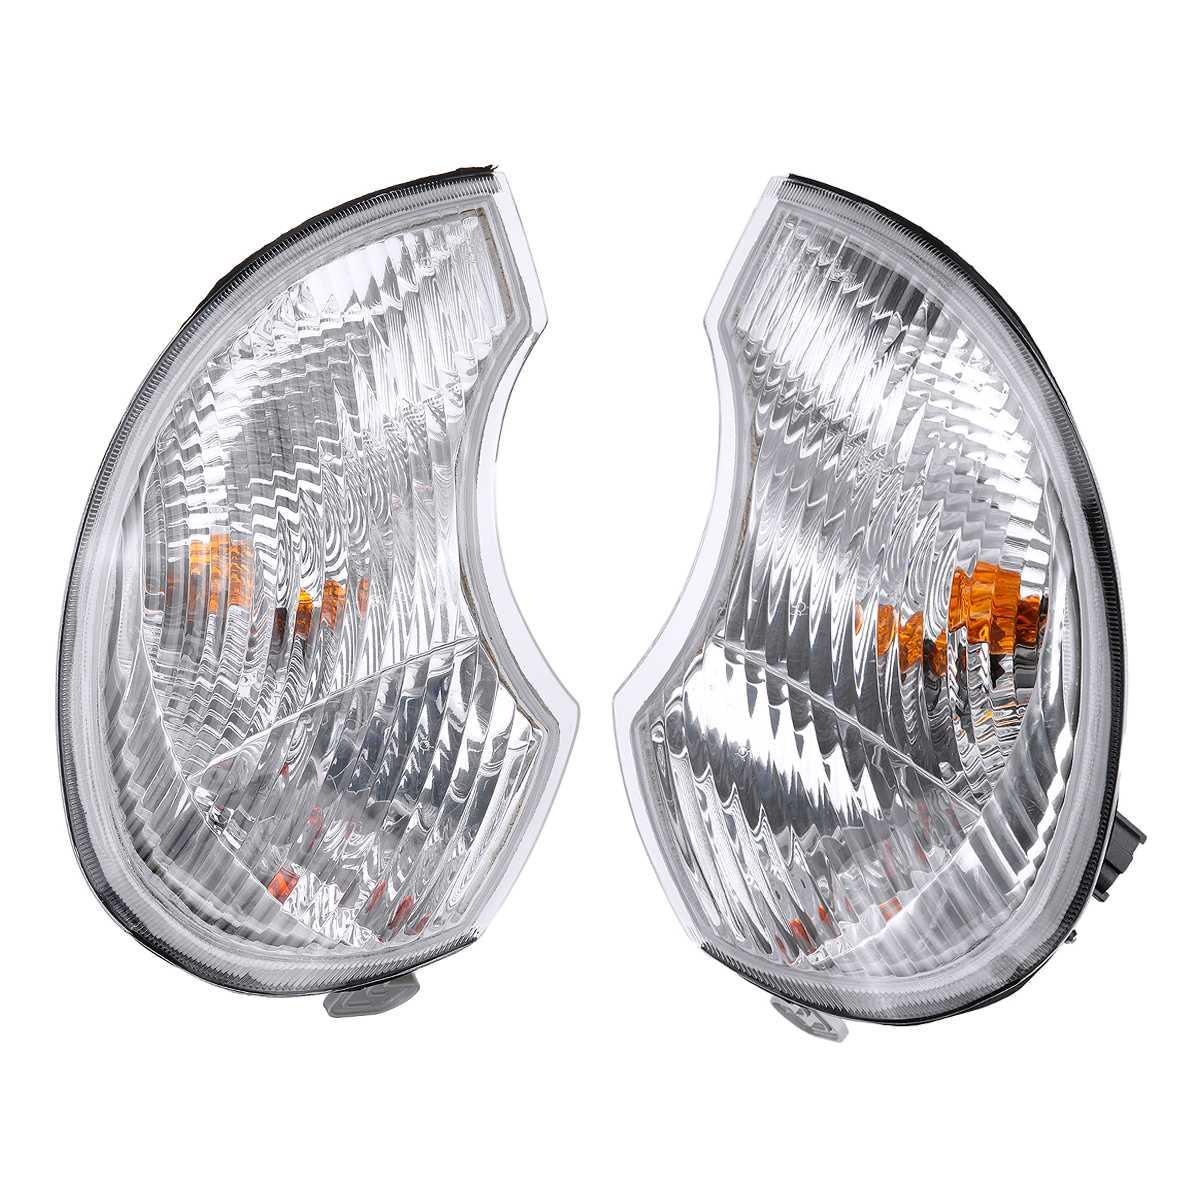 frente farol farol cabeca luzes da lampada de montagem ampla luz canto lampadas para hyundai terracan